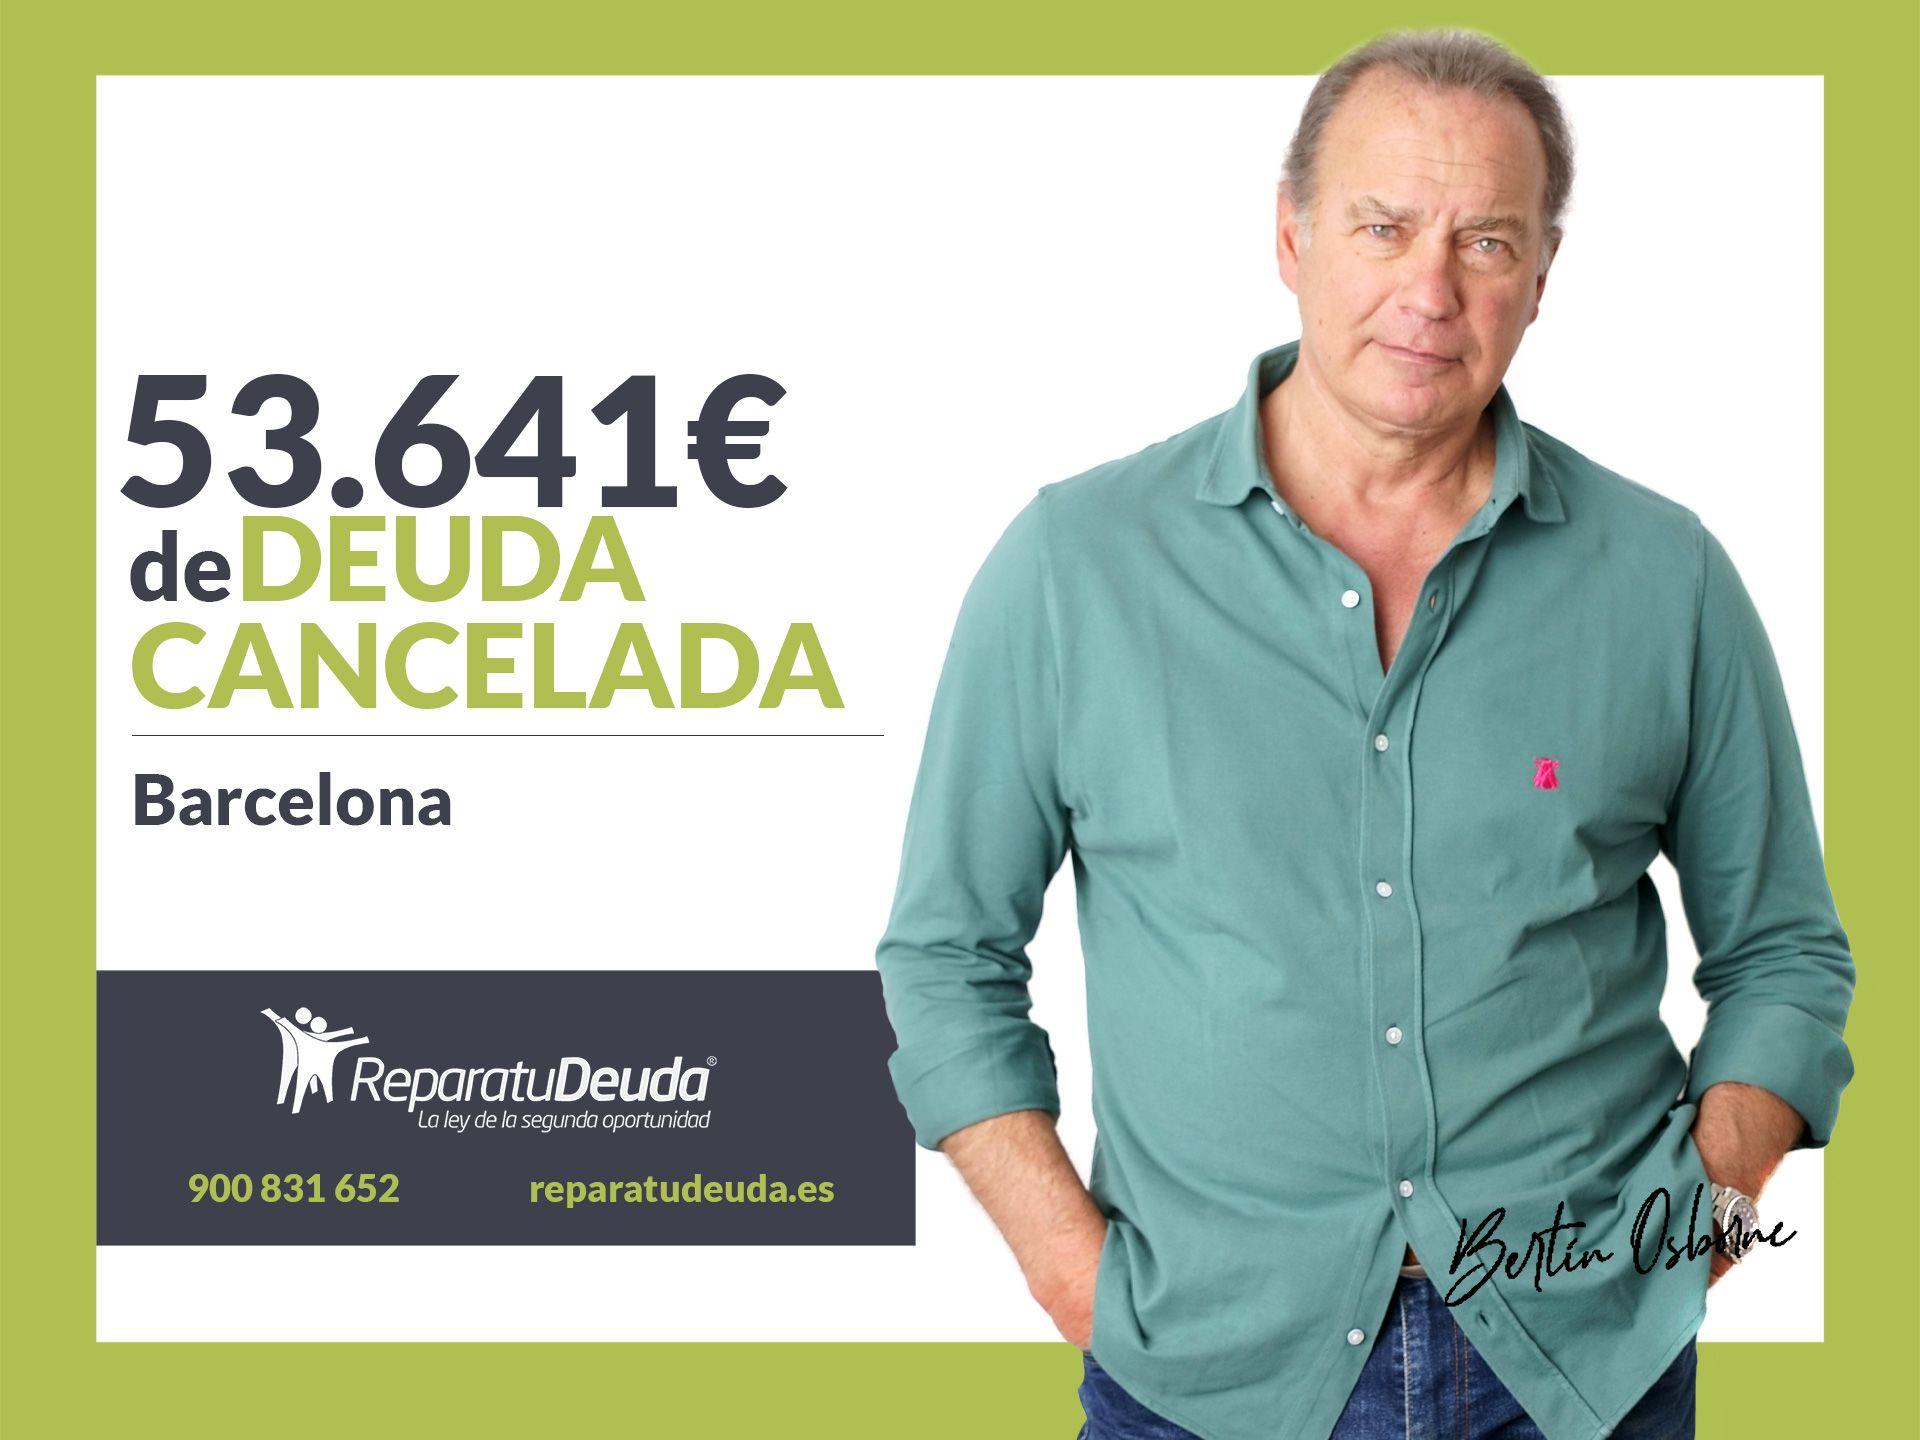 Repara tu Deuda abogados cancela 53.641 ? en Barcelona (Catalunya) con la Ley de Segunda Oportunidad